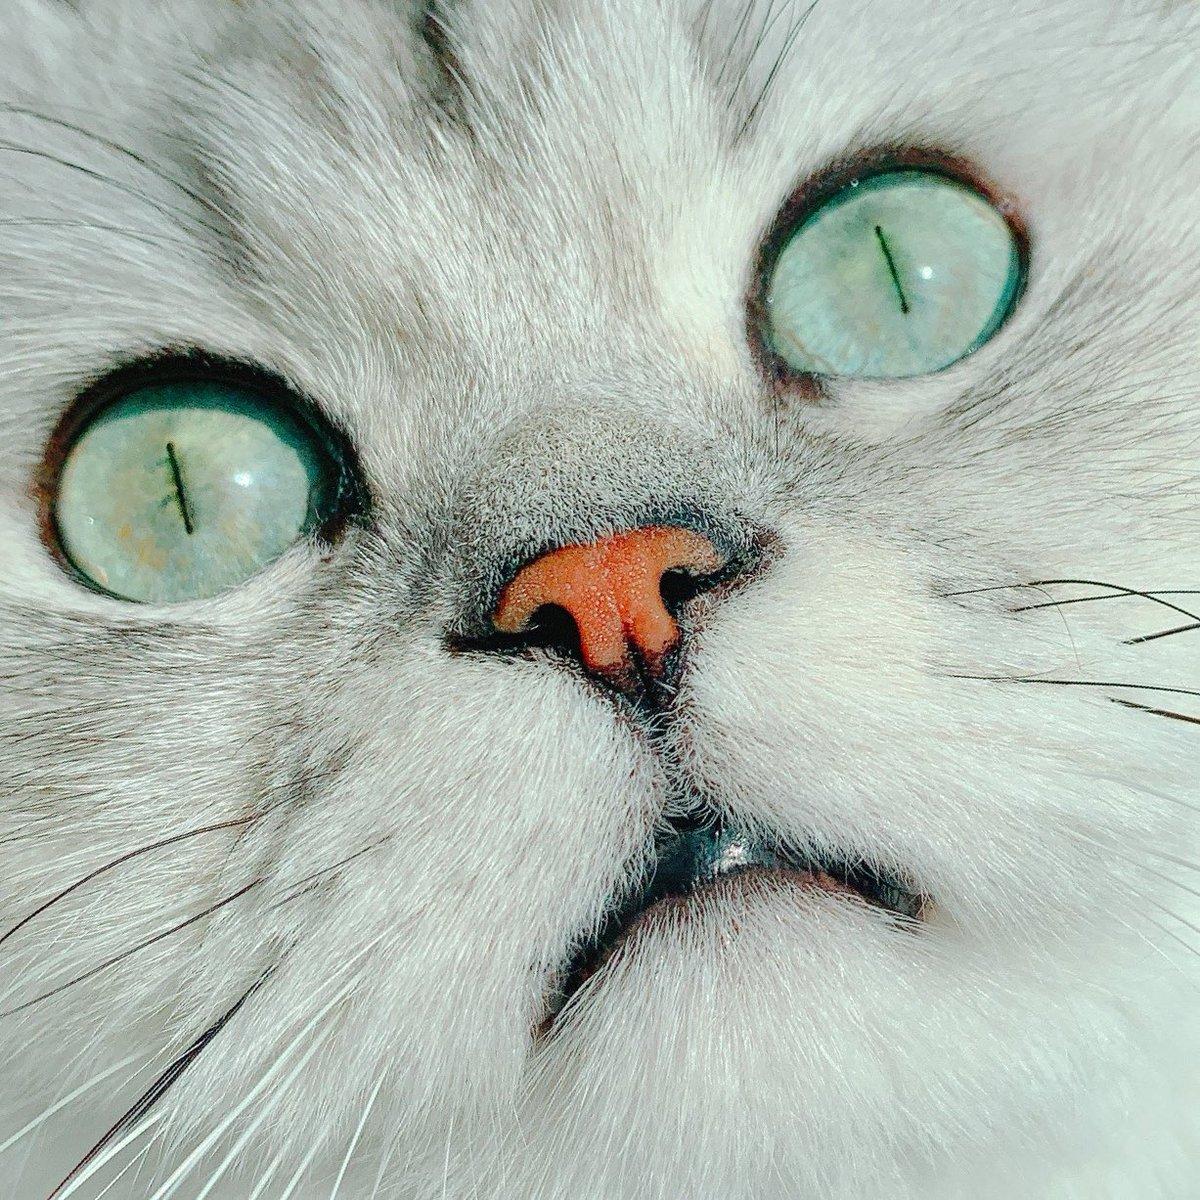 이거또봣네.. 눈이 문제인건알겟는데. 모양새는비스무리한디 왜이롷게 이상하고 기분나쁠까? 햇는데 애초에 고양이눈은 흰자가 없음 (잇긴한데 억지로 잡아 벌리지 않는한 안보인) 그니까 저건.. 갓벽한 인간의 눈인거다  거기에 고양이답게한답시고 동공 축소된거 얼렁뚱땅 넣으니까 더웃긴거임